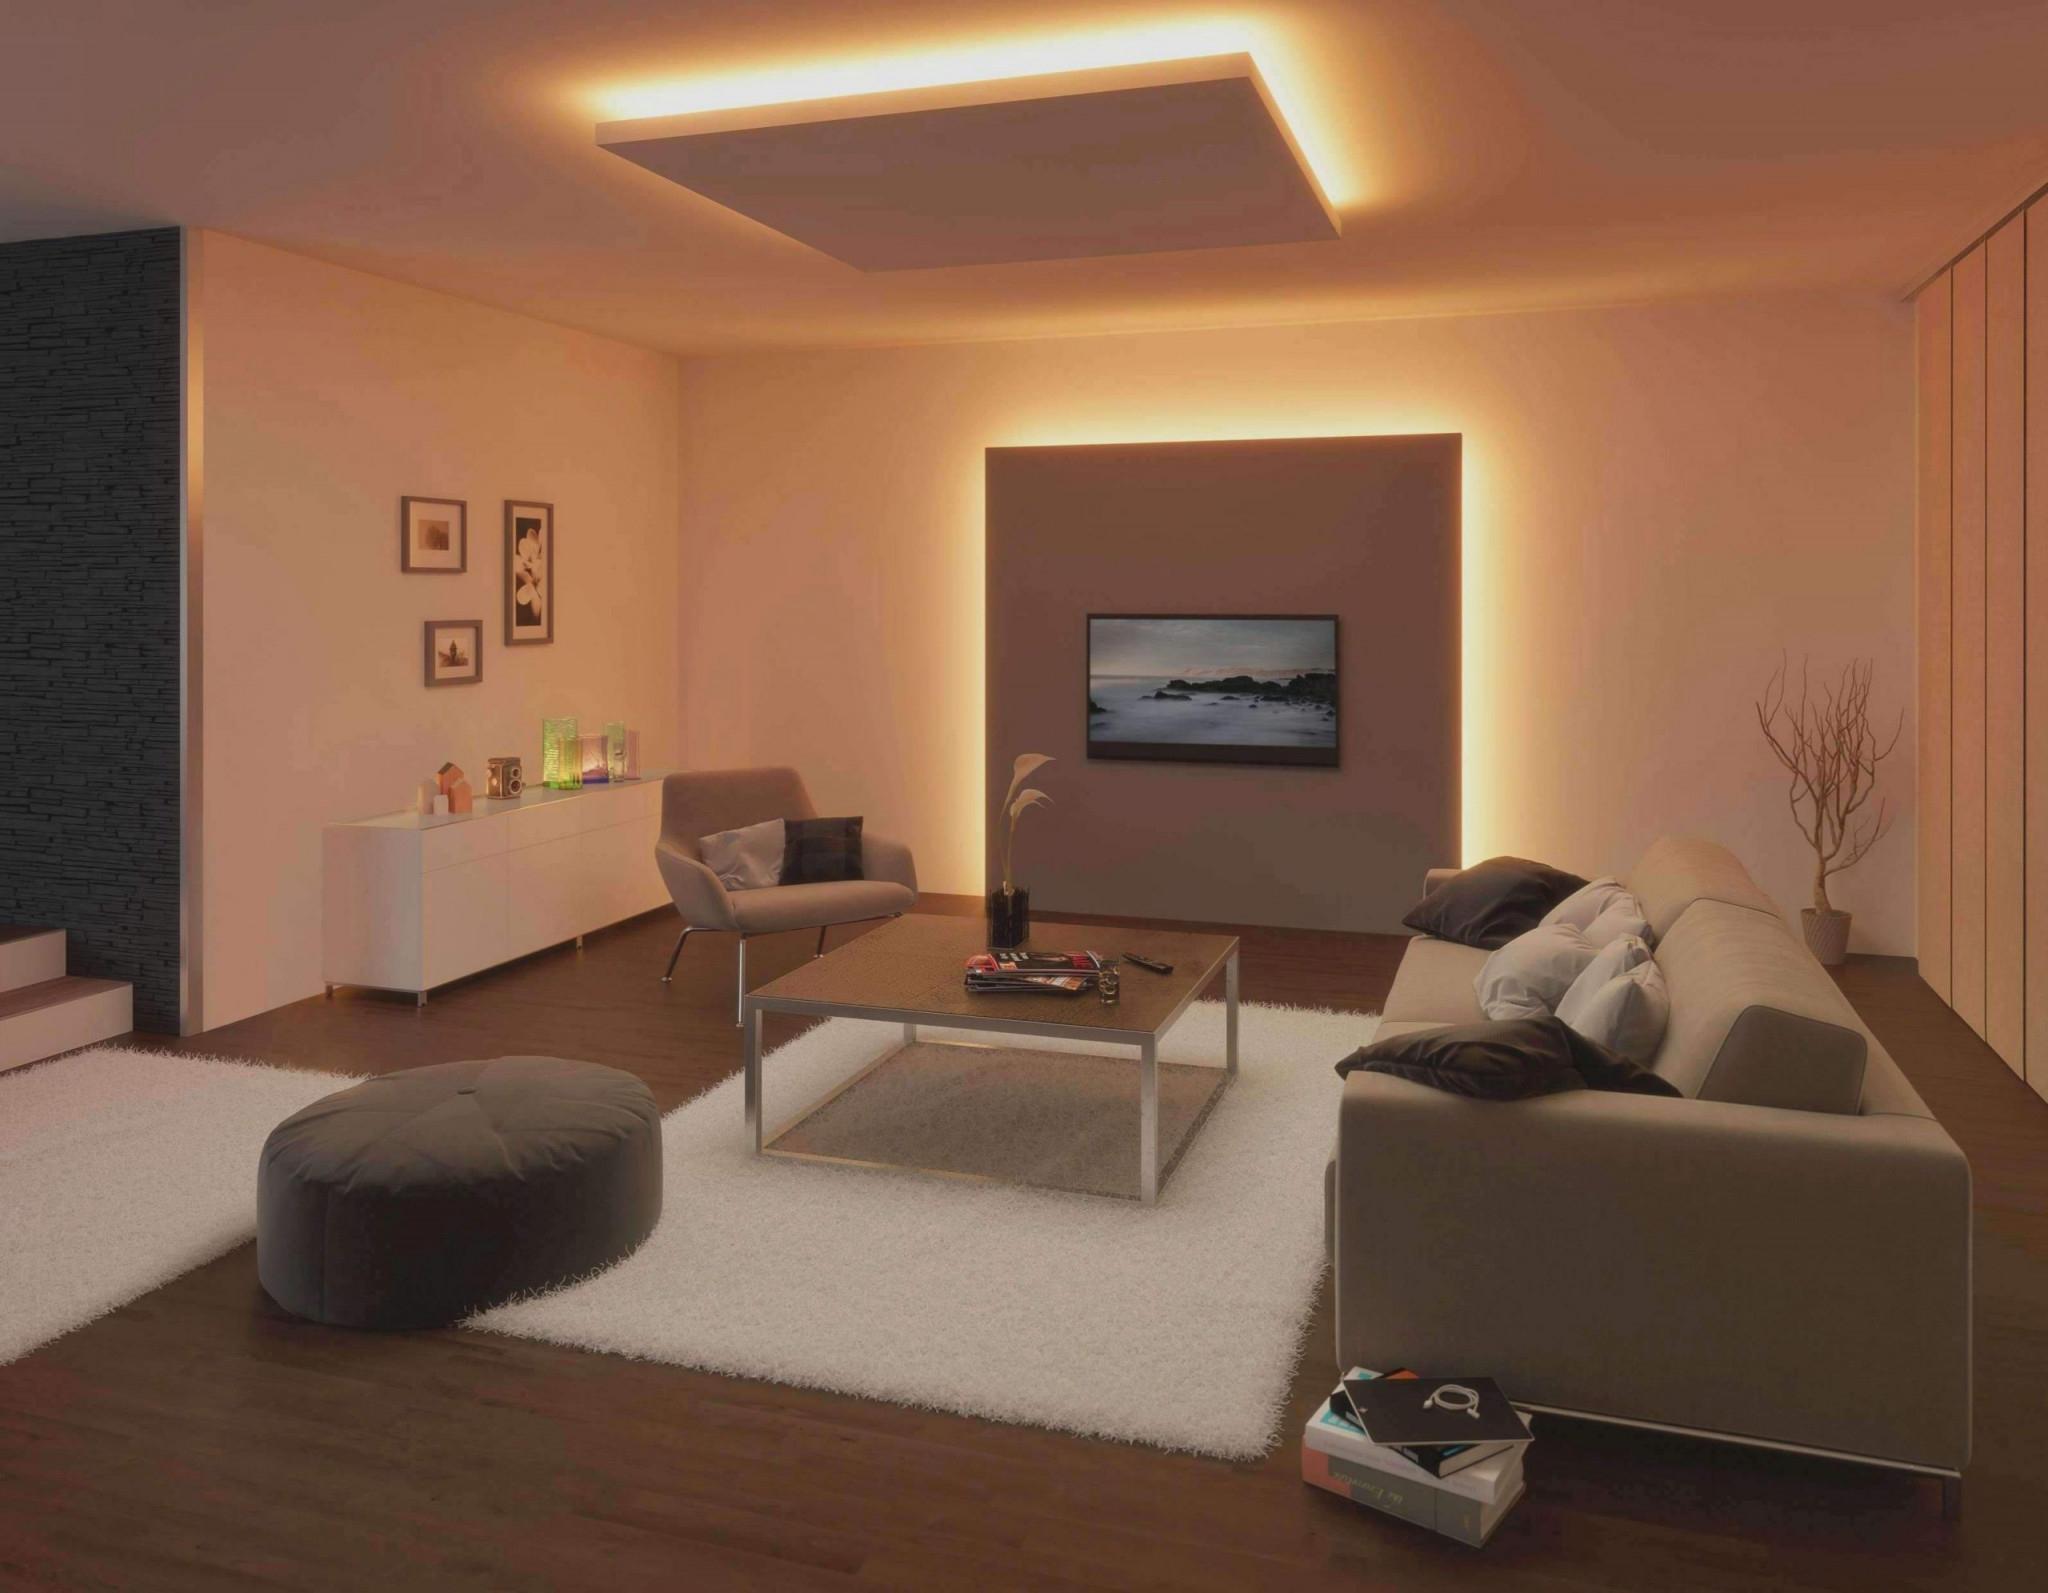 Coole Wohnzimmer Luxus Coole Wohnzimmer Frisch Coole von Coole Wohnzimmer Ideen Bild